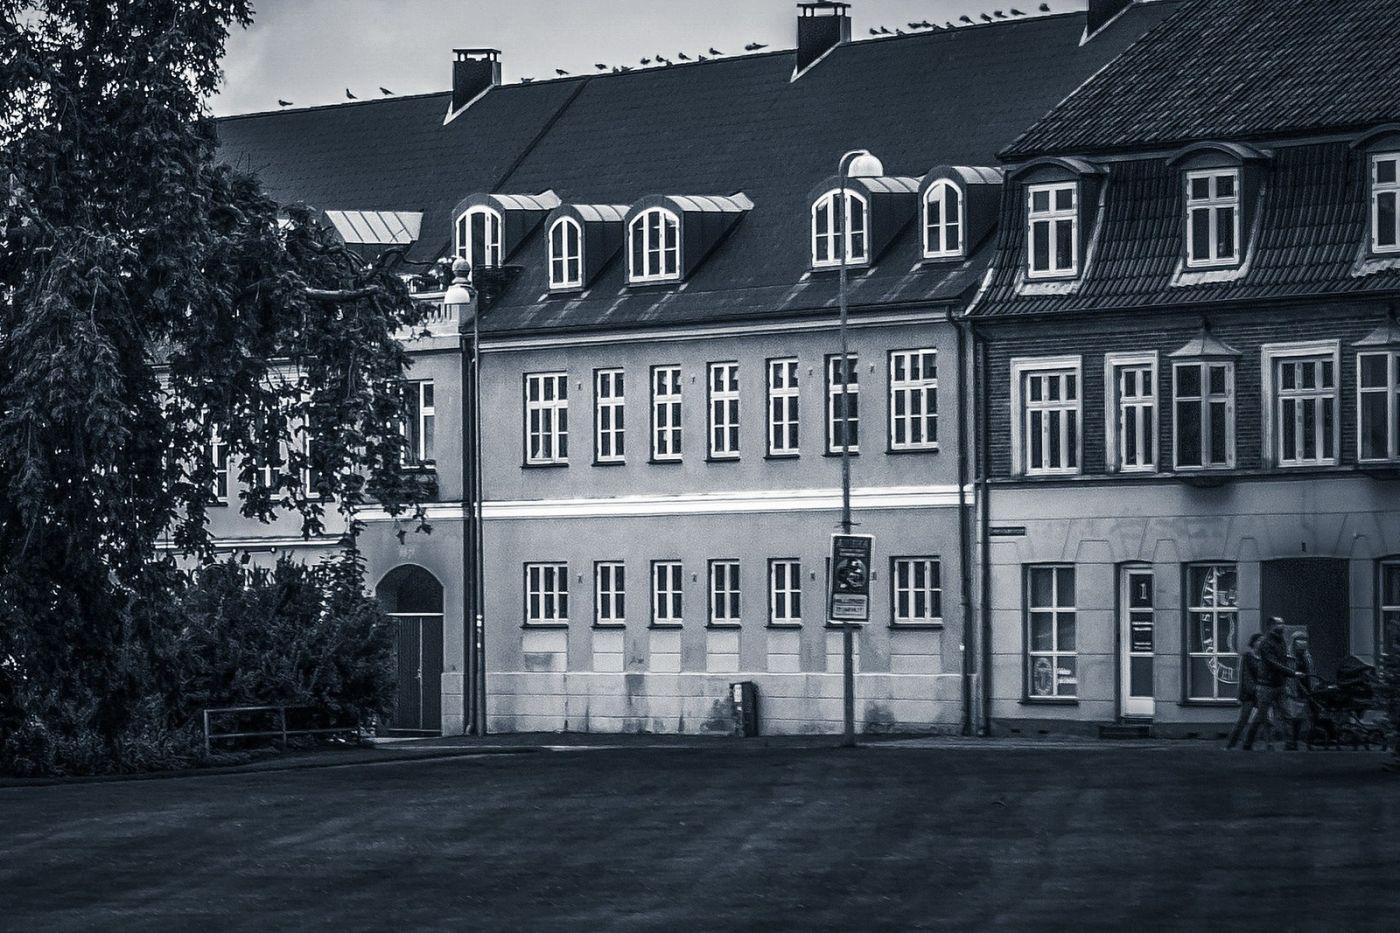 丹麦腓特烈堡城堡,回看历史_图1-28